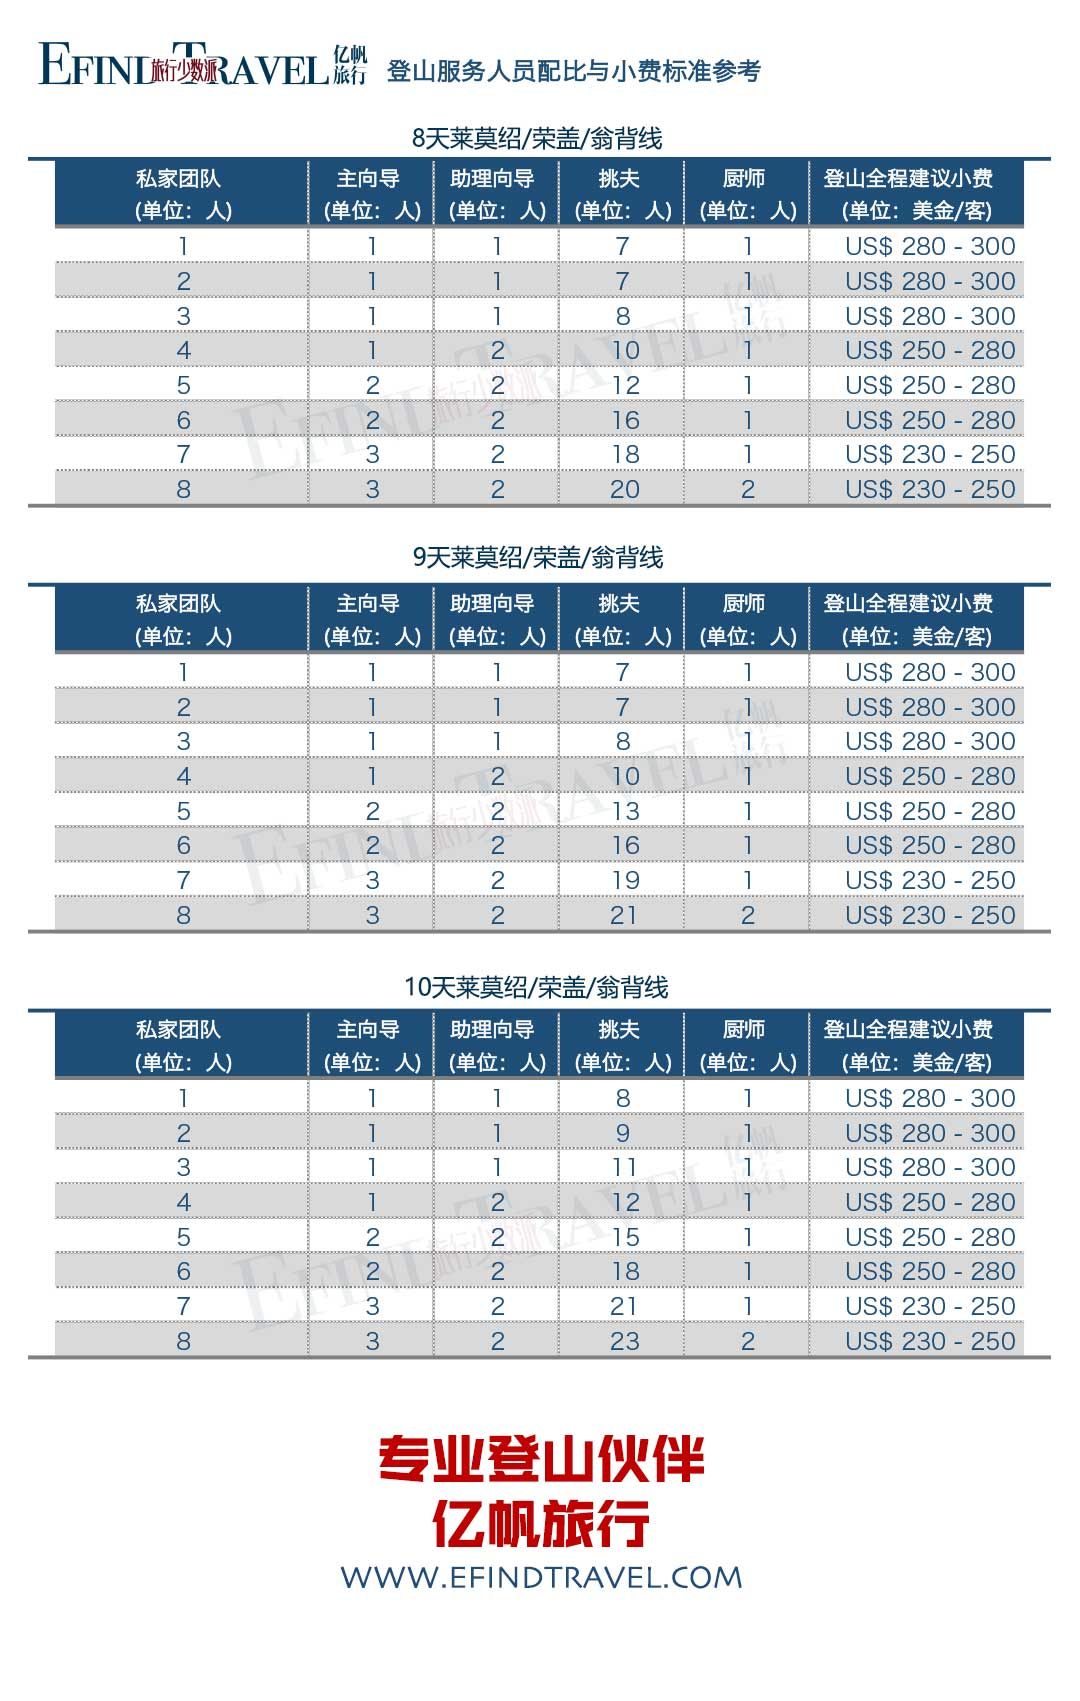 莱莫绍/荣盖/翁背线服务人员配比